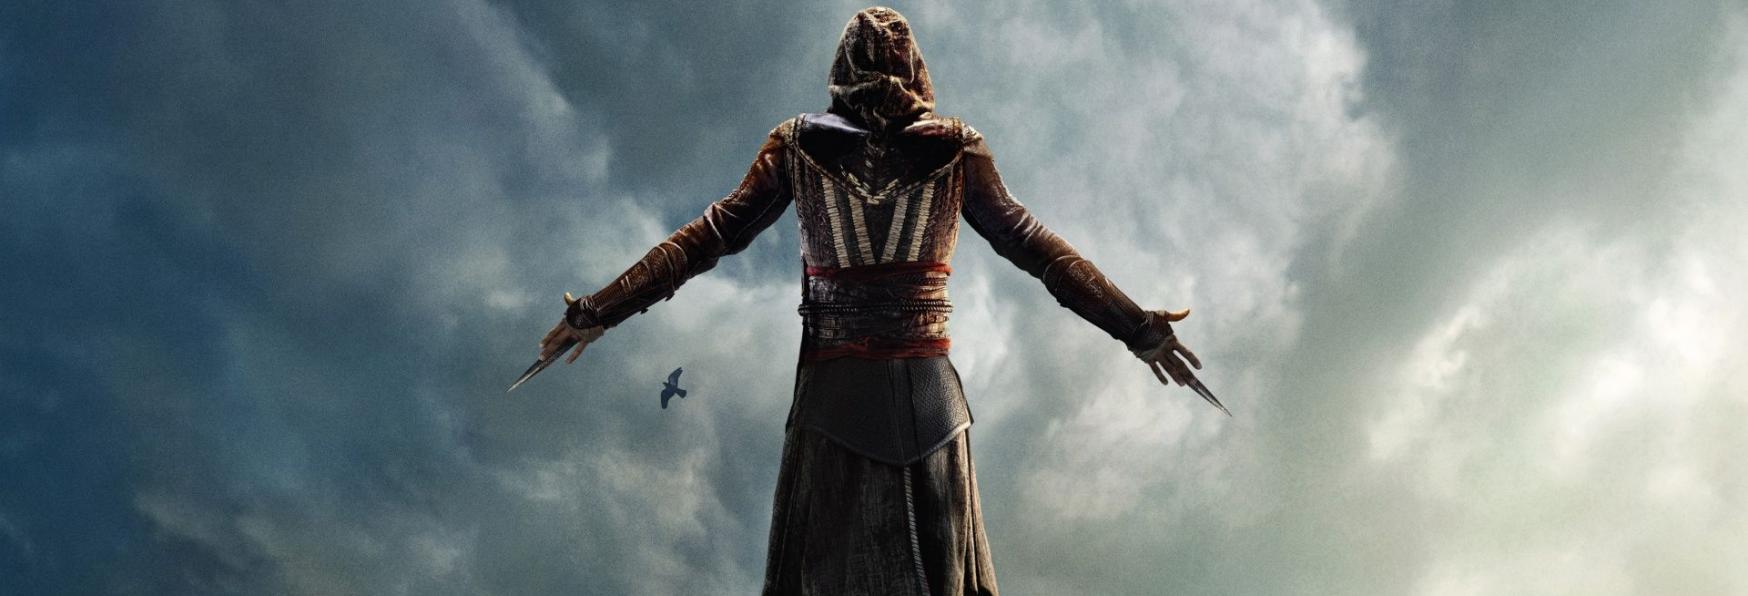 Assassin's Creed: Chi interpreterà il protagonista della prossima Serie TV adattamento?